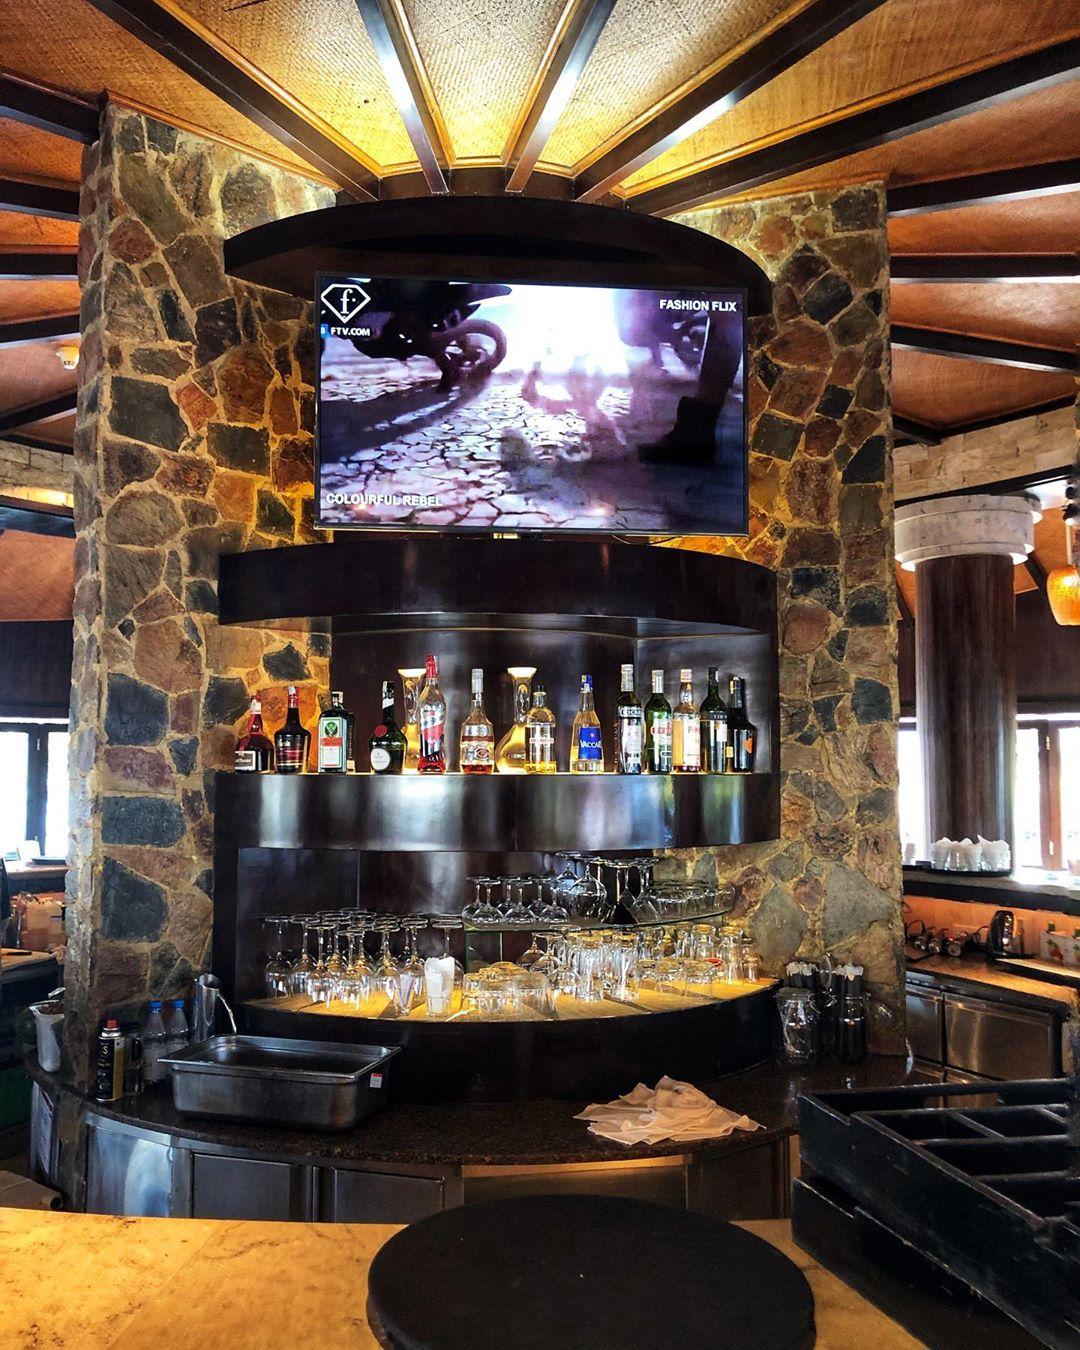 4 quán pub có view ngắm hồ Tây cực đỉnh dành cho những cô nàng đam mê văn hóa Apéro - hết giờ làm là đến luôn giờ chill! - Ảnh 11.